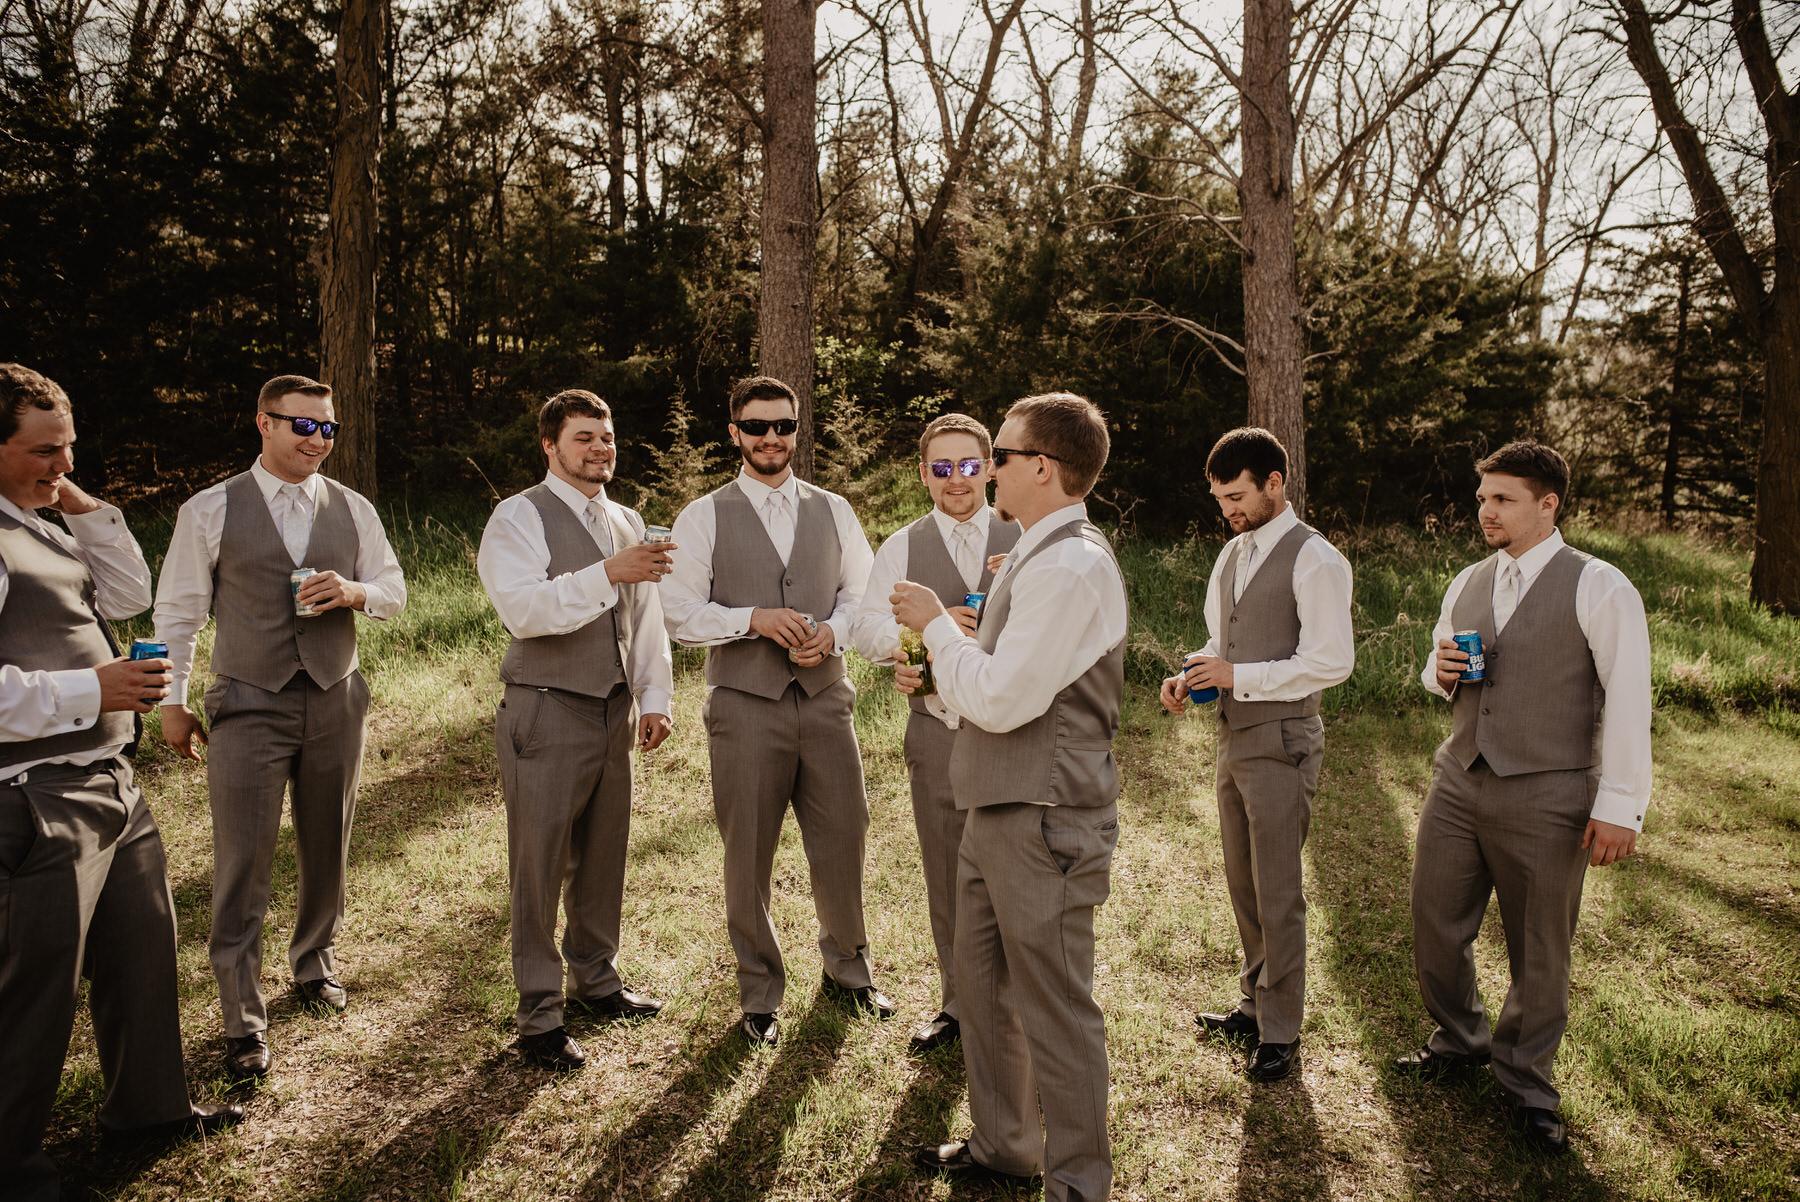 Kaylie-Sirek-Photography-Kearney-Nebraska-Wedding-075.jpg